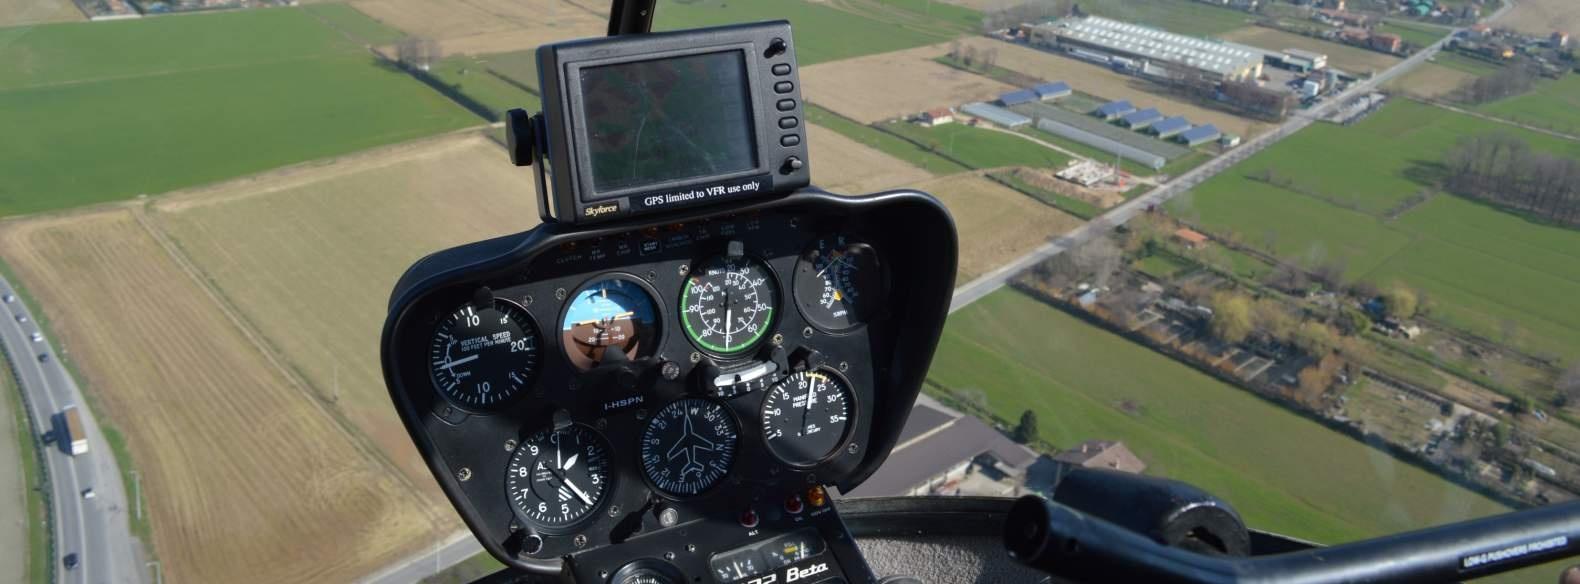 L Elicottero Posizione : Conosci l elicottero u u visit bergamo